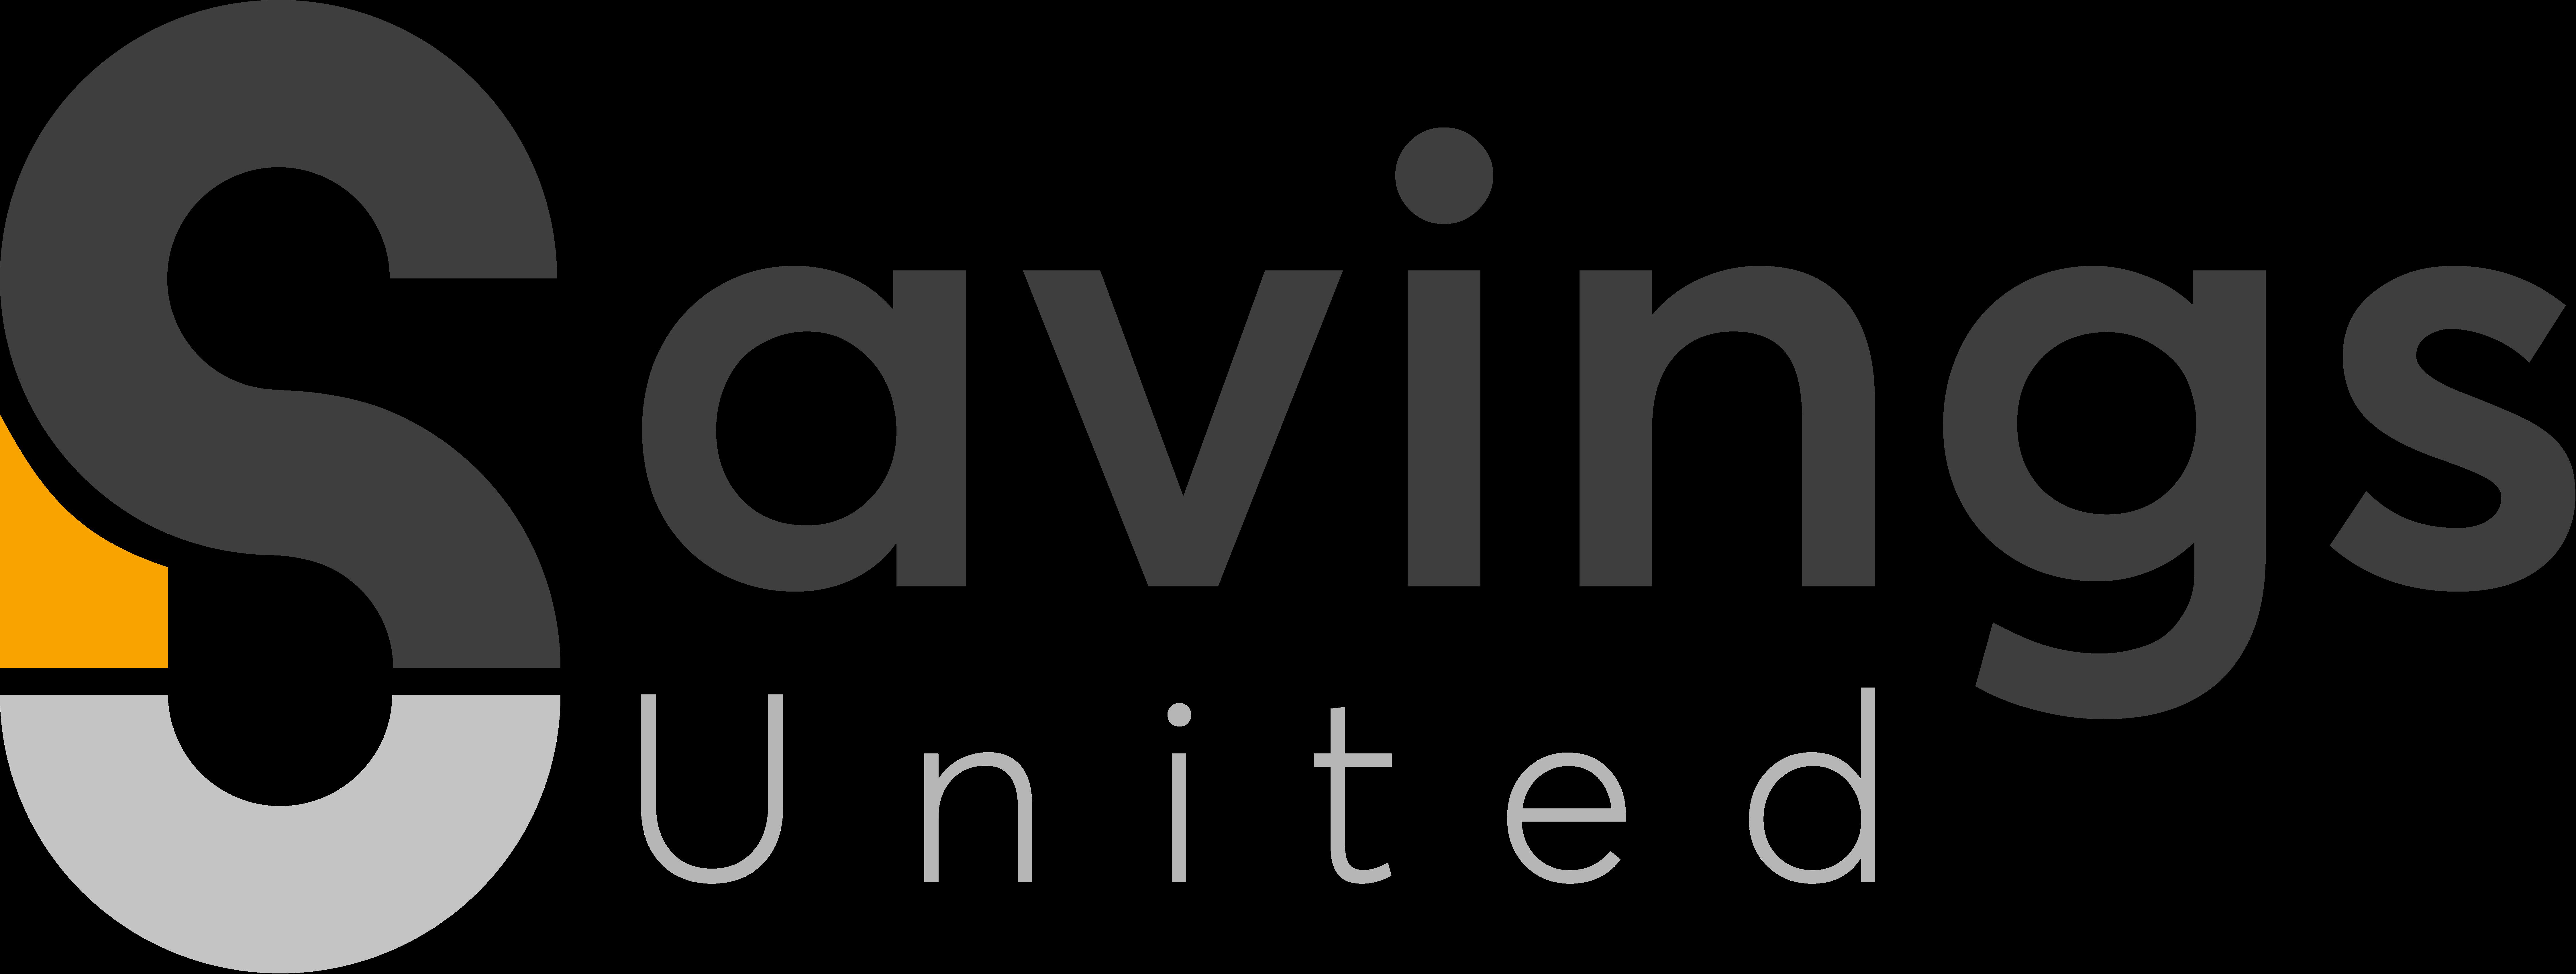 Savings united